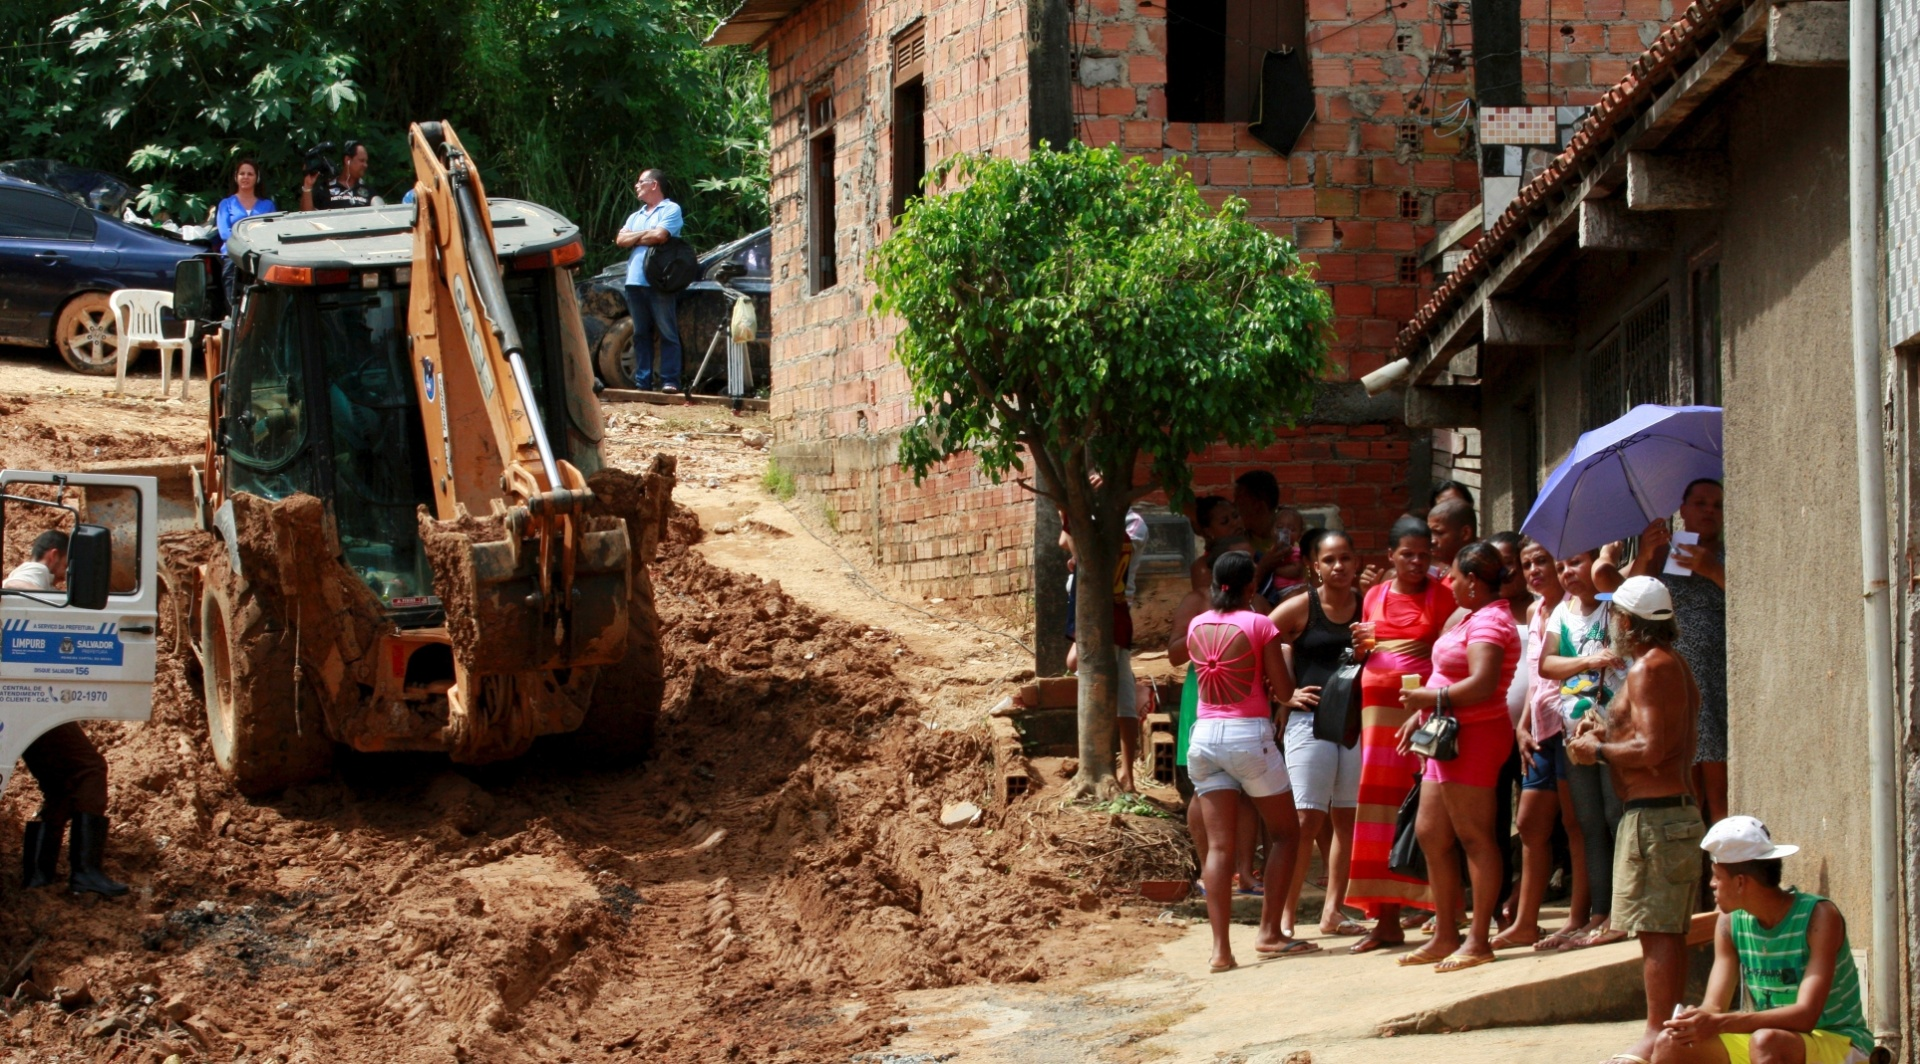 30.abr.2015 - Exército e a Defesa Civil trabalham em conjunto para retirar pessoas de imóveis situados em áreas de risco na localidade do barro Branco, em Salvador, nesta quinta-feira (30), após os deslizamentos provocados pelas chuvas na cidade